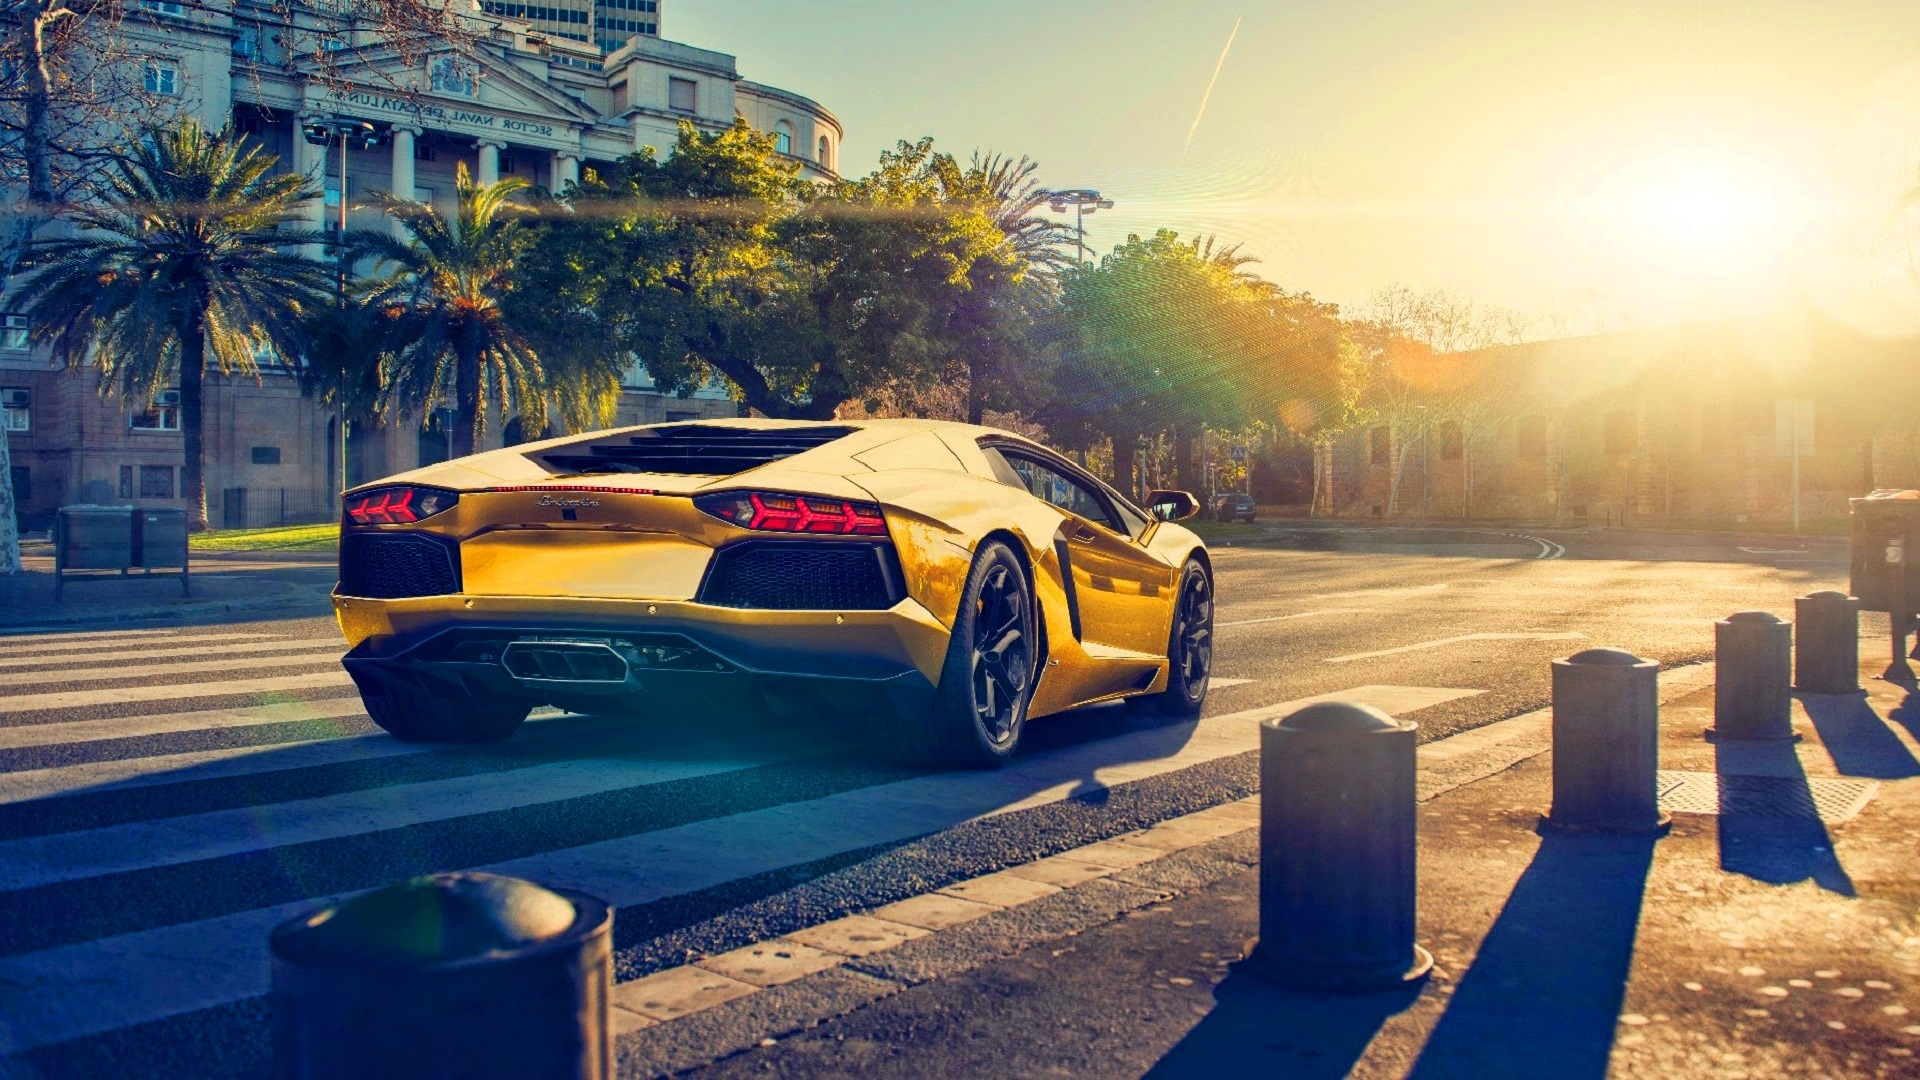 Download Wallpaper 1920x1080 Lamborghini Aventador Lp700 4